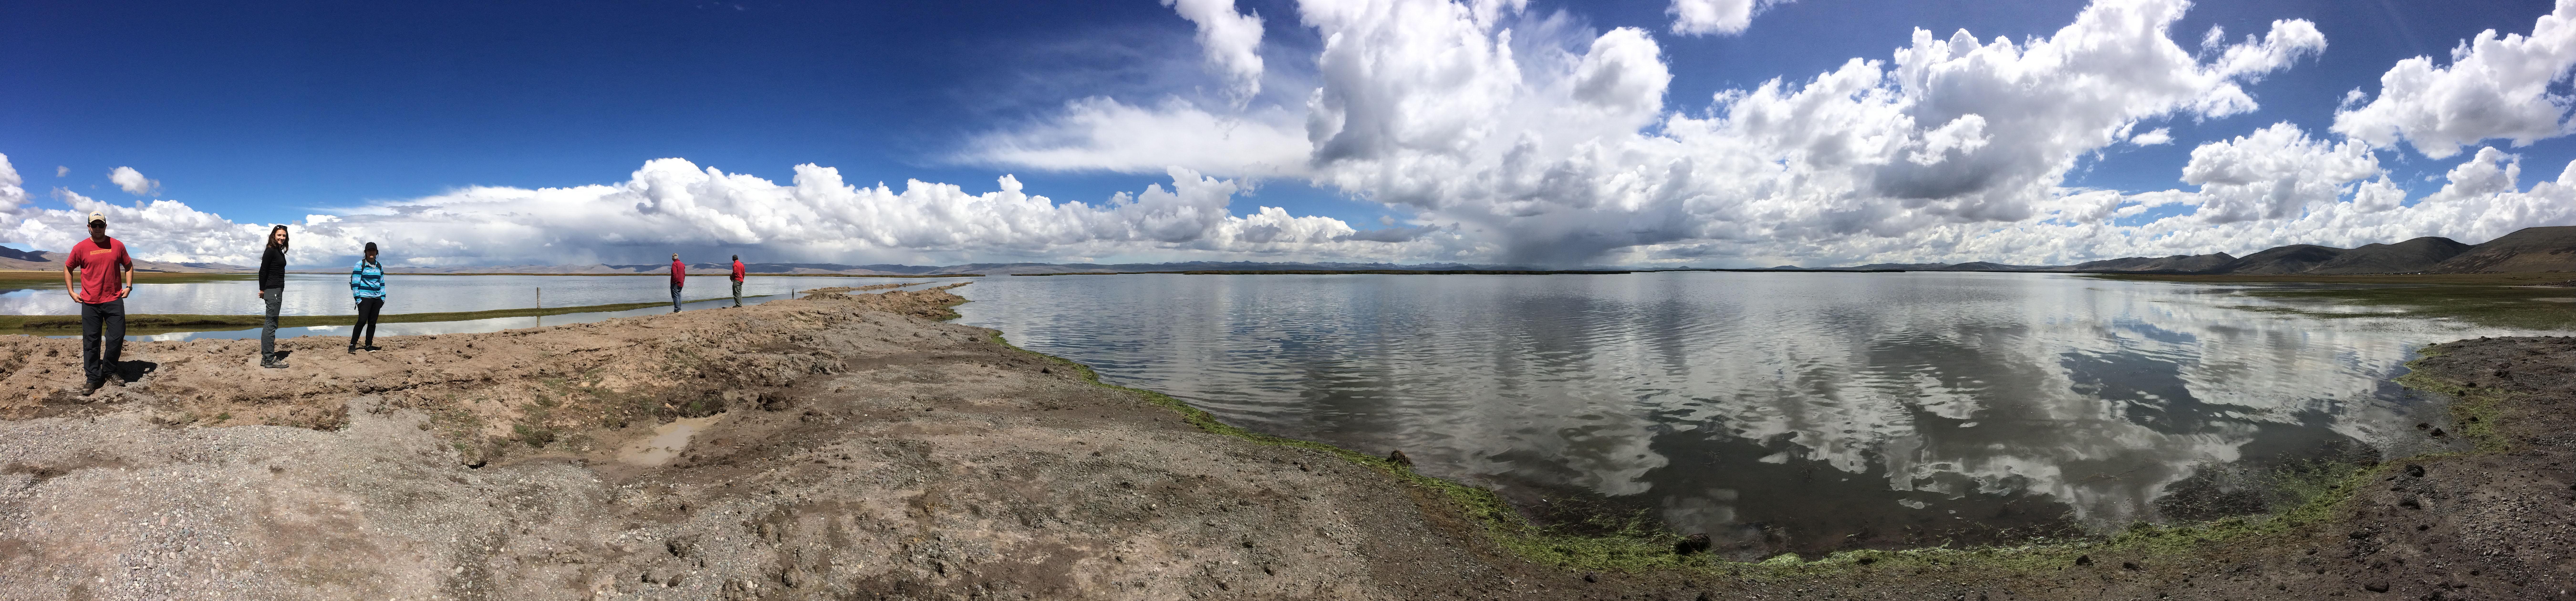 Lake Junin from Huayre